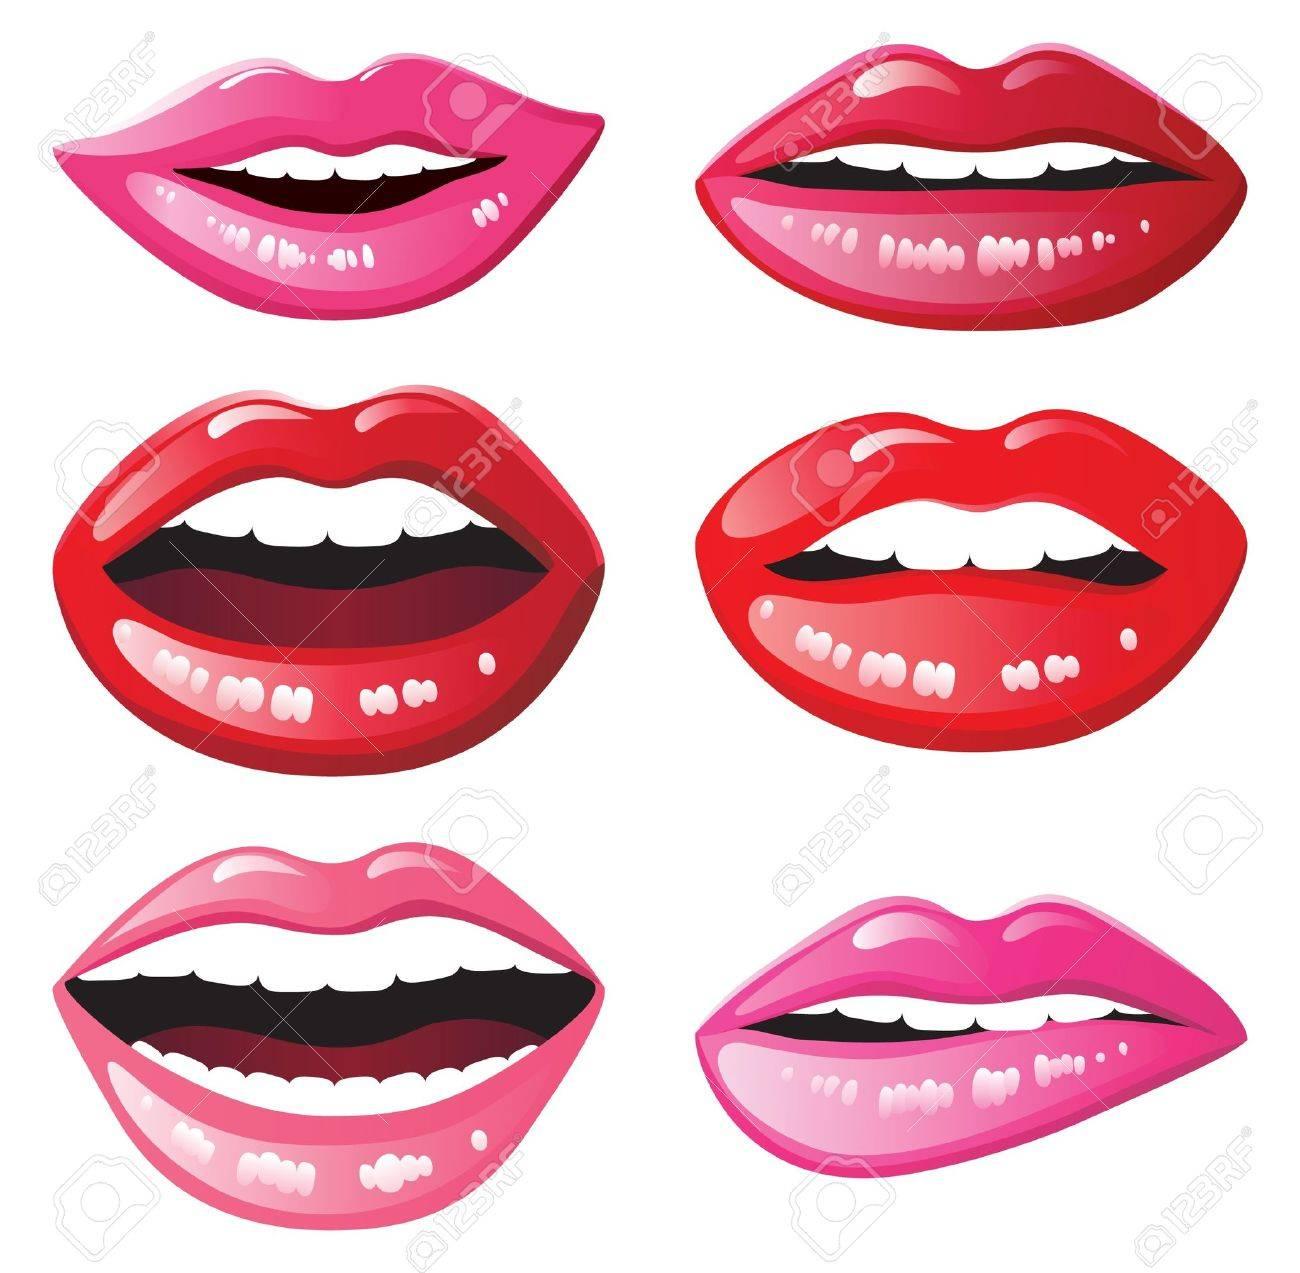 Фотошоп как сделать блестящие губы